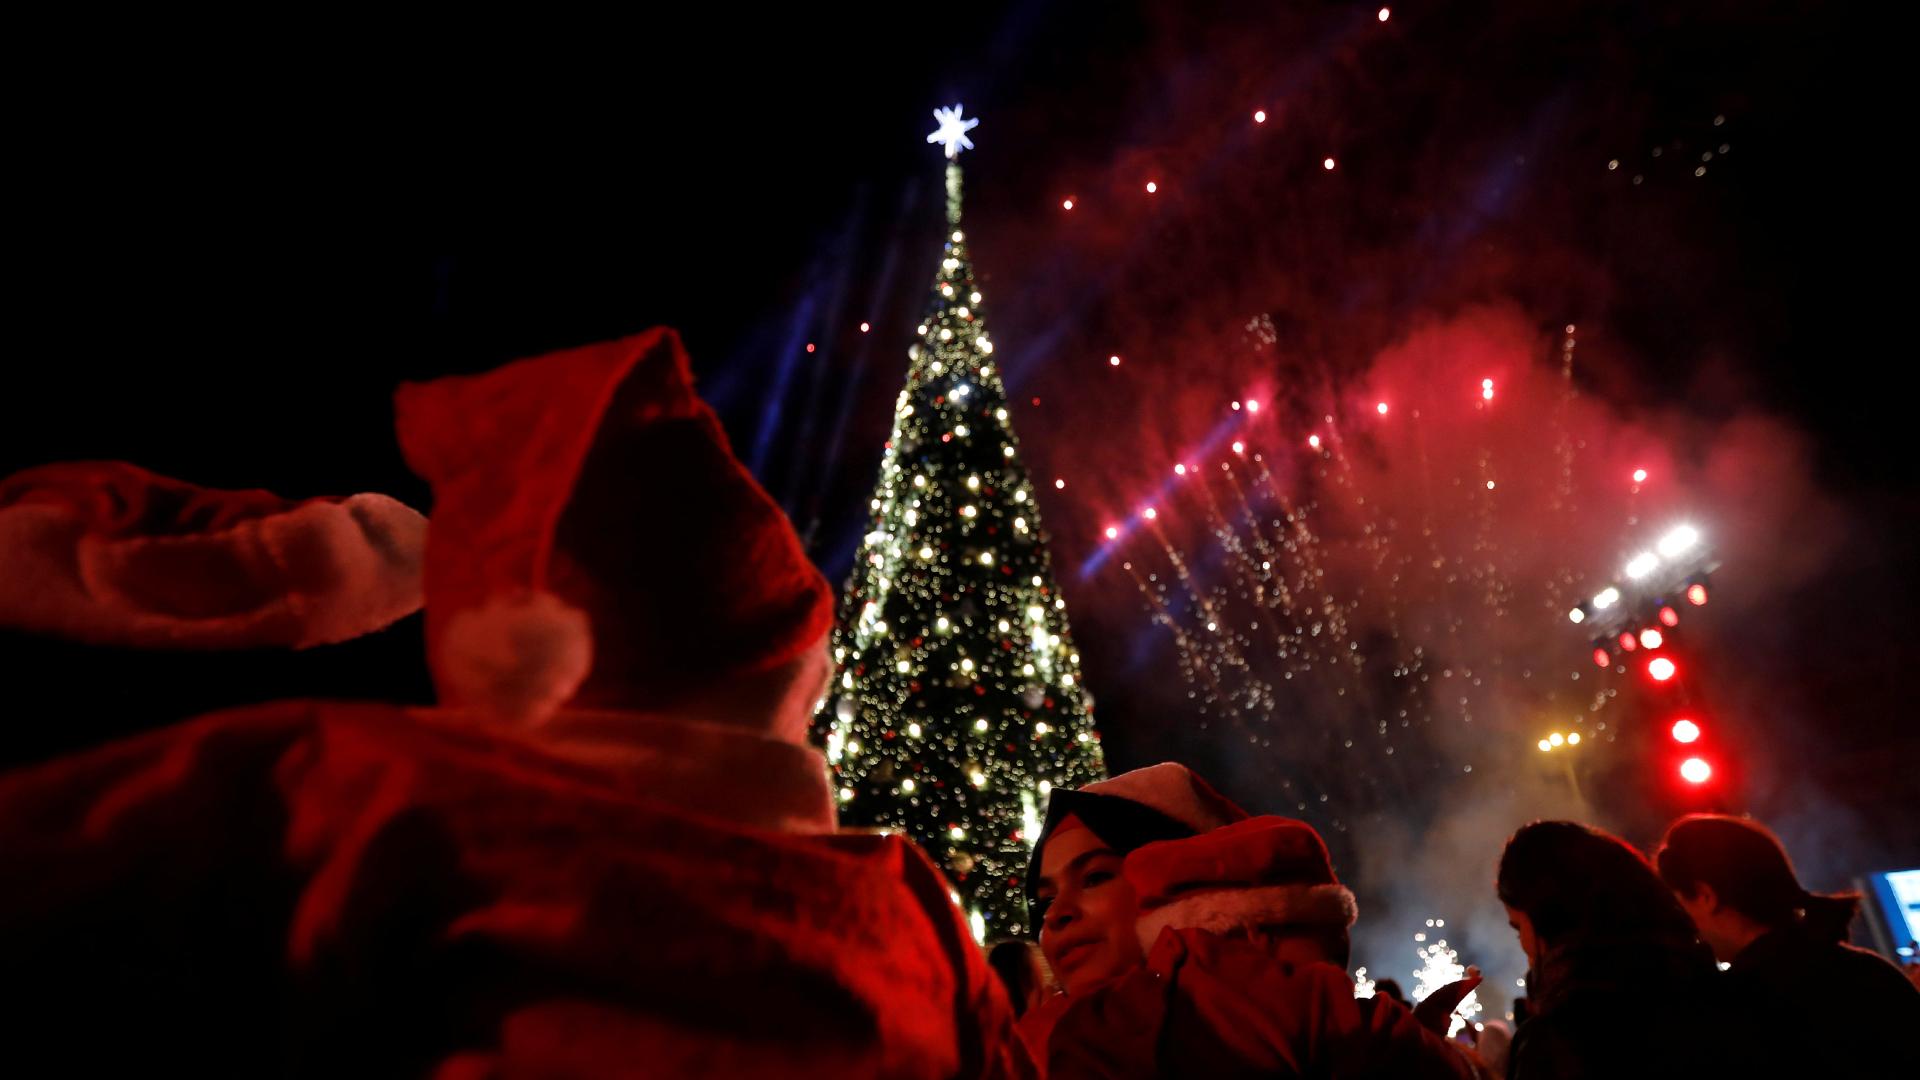 La gente observa los fuegos artificiales con motivo de la Navidad en Beirut, El Líbano